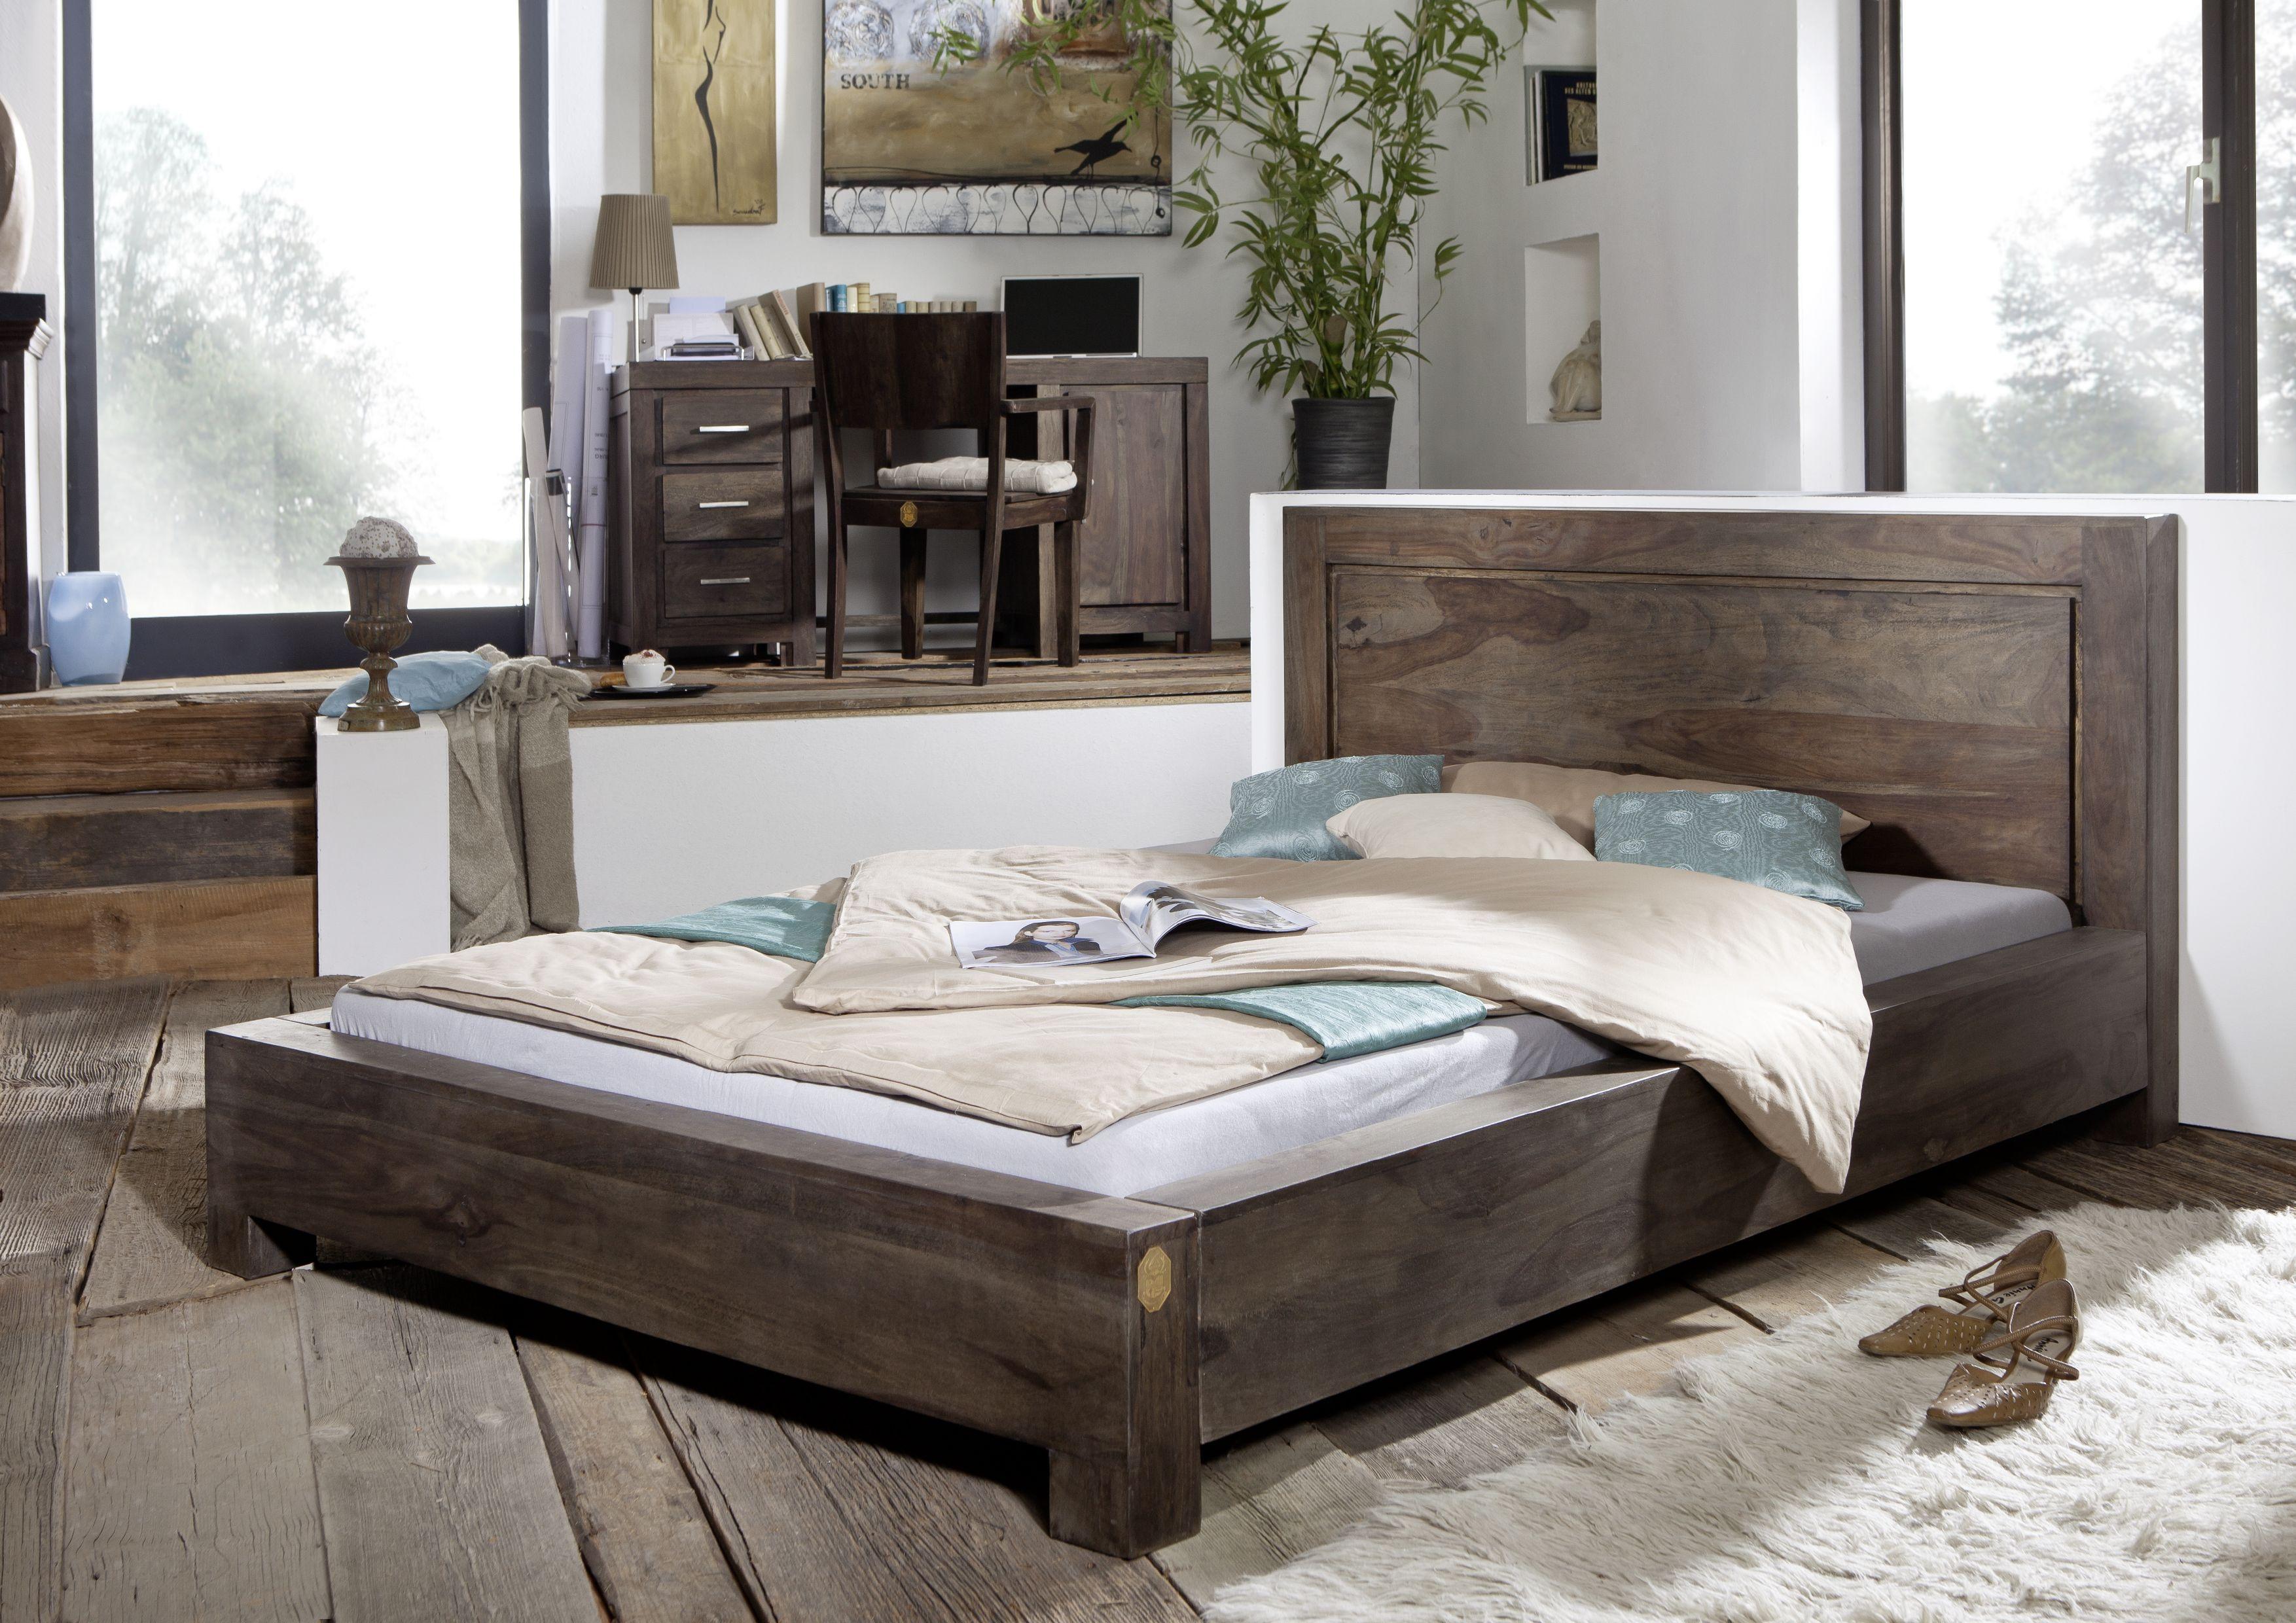 Dunkle Mobel Versandfrei Kaufen Massiv Bett Bett Modern Massivholzbett